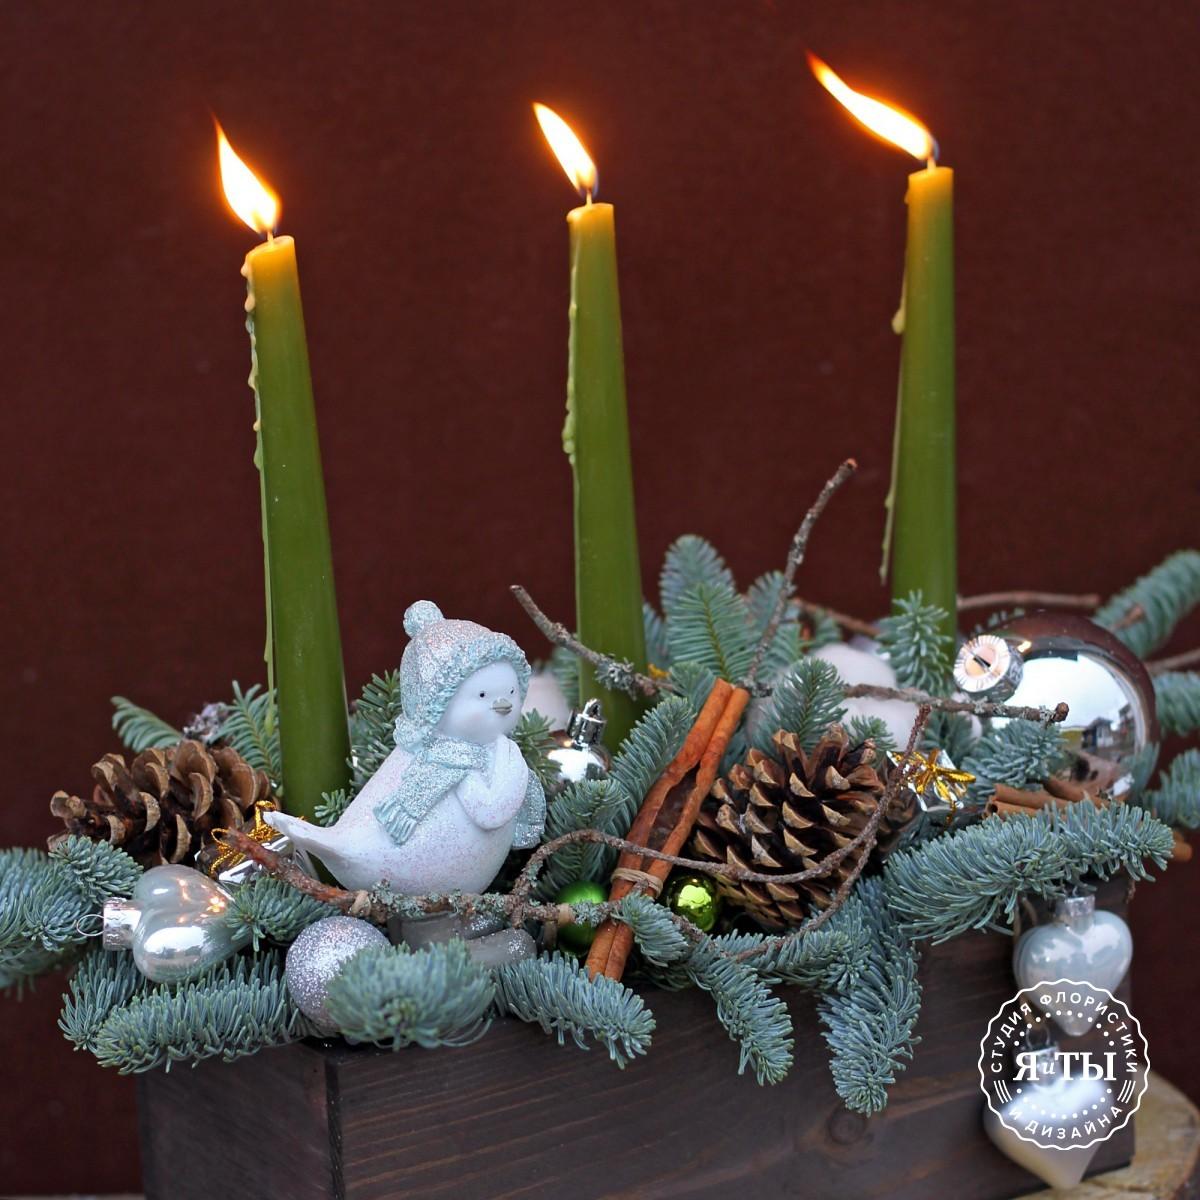 Зелёно-серебристая композиция со свечами